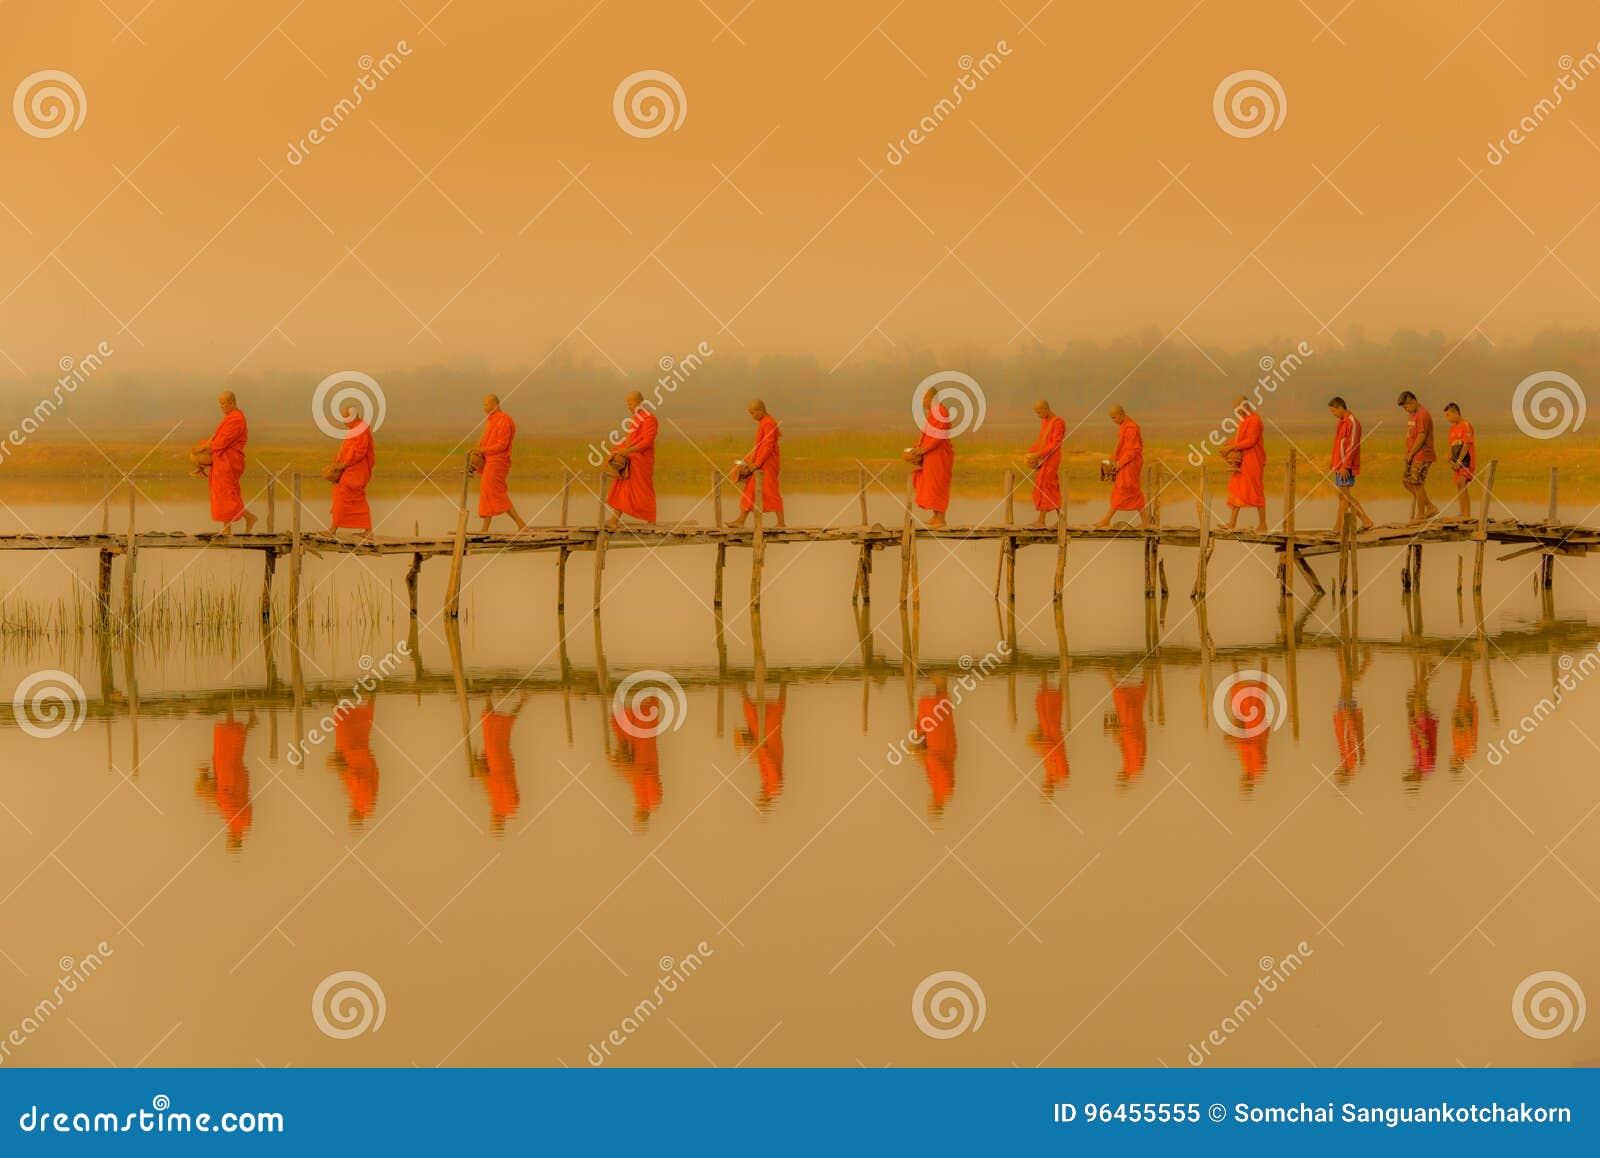 Monges de Buddist que marcham para procurar a esmola na manhã com envi fofoggy